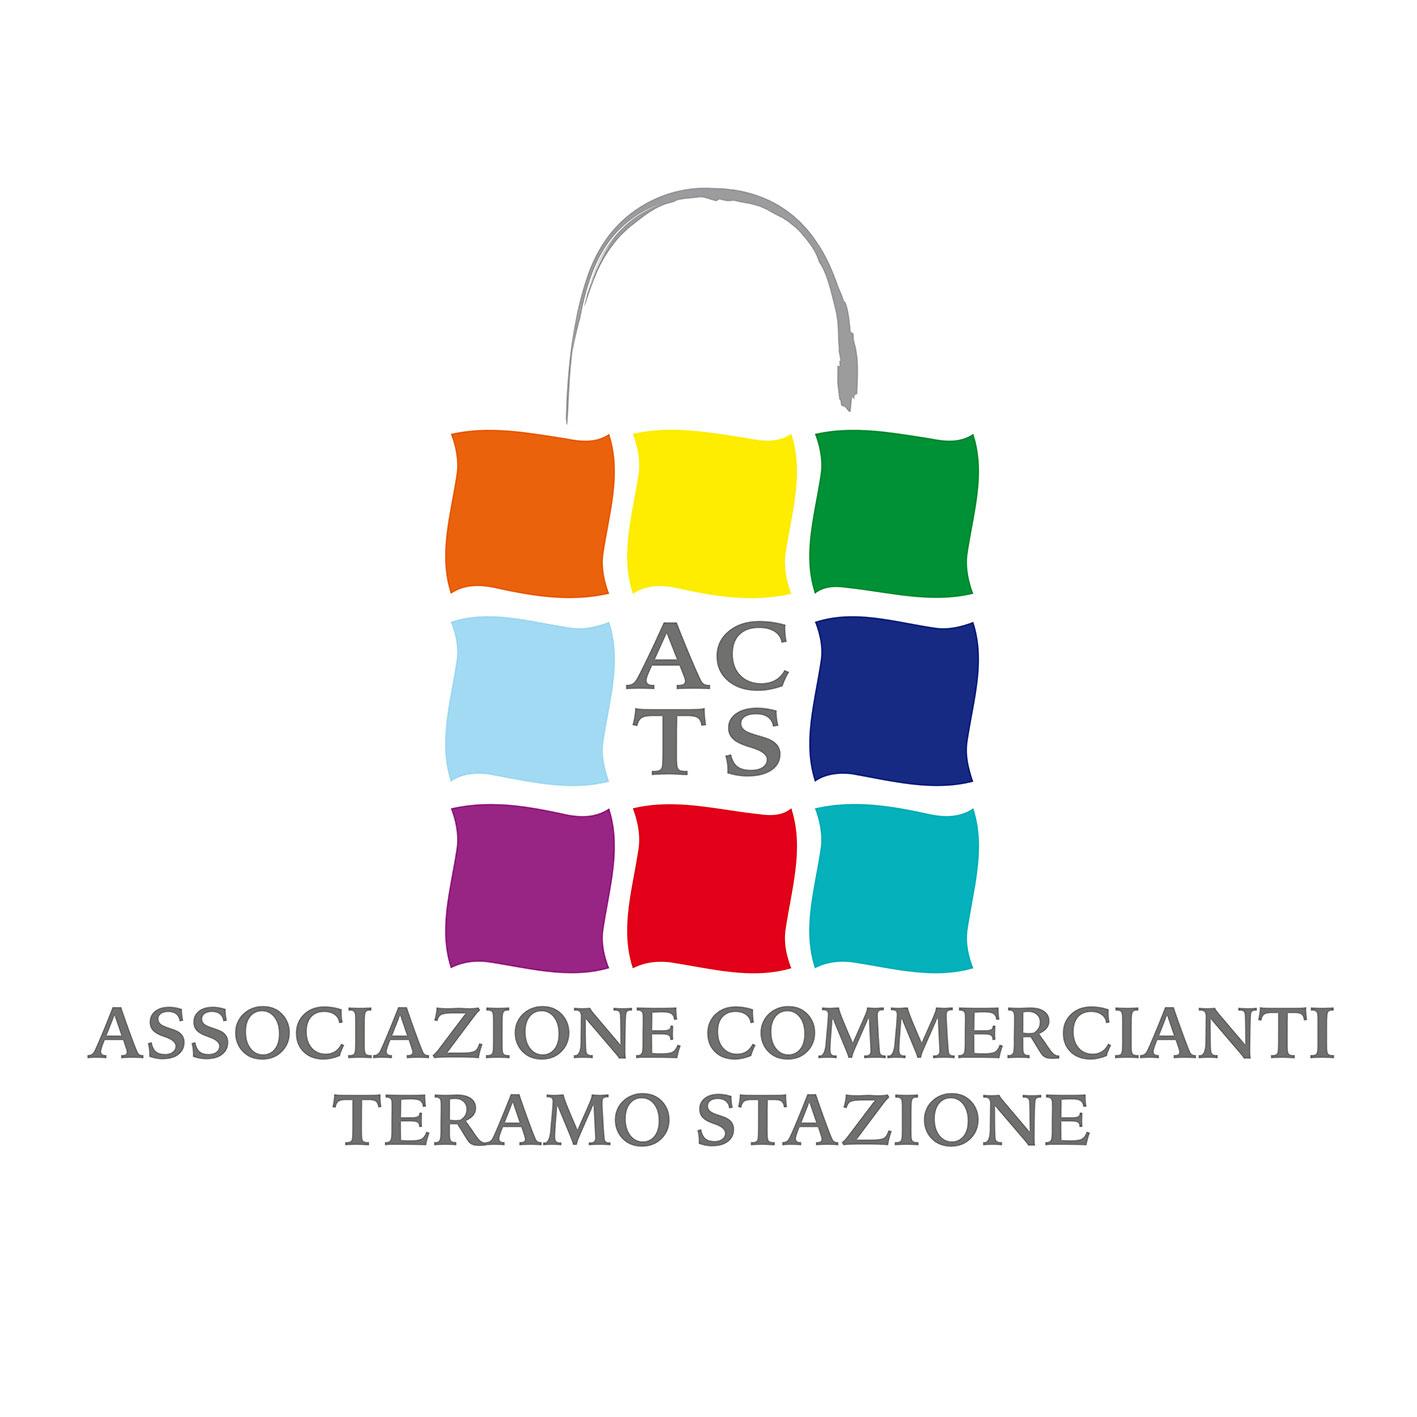 associazionecommerciantiteramostazione_1